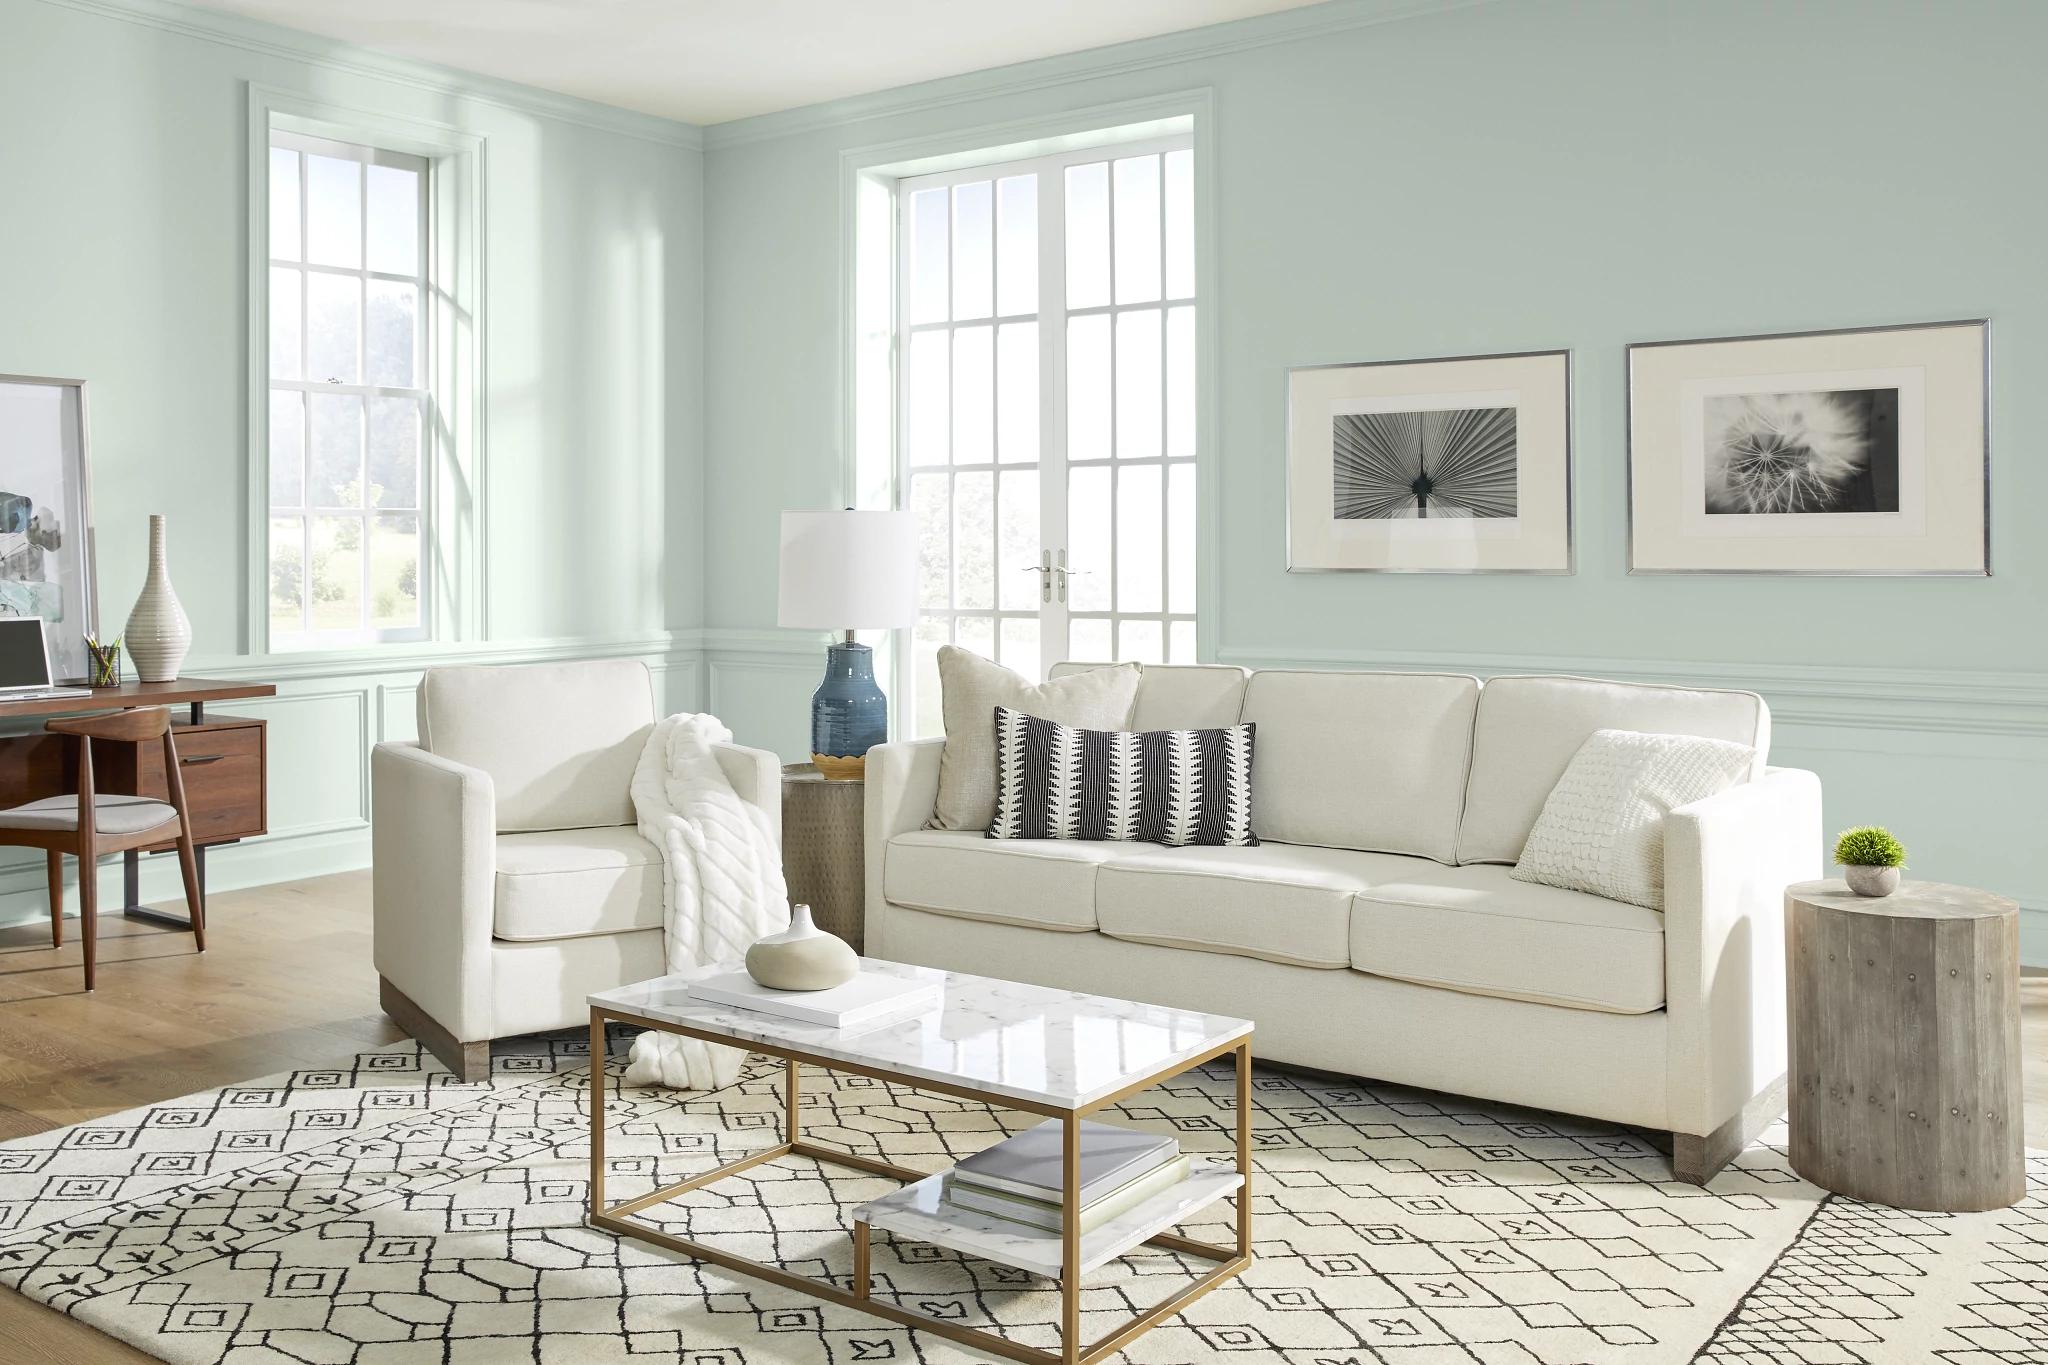 Behr Paint Announces Breezeway As Its, Behr Paint Ideas For Living Rooms